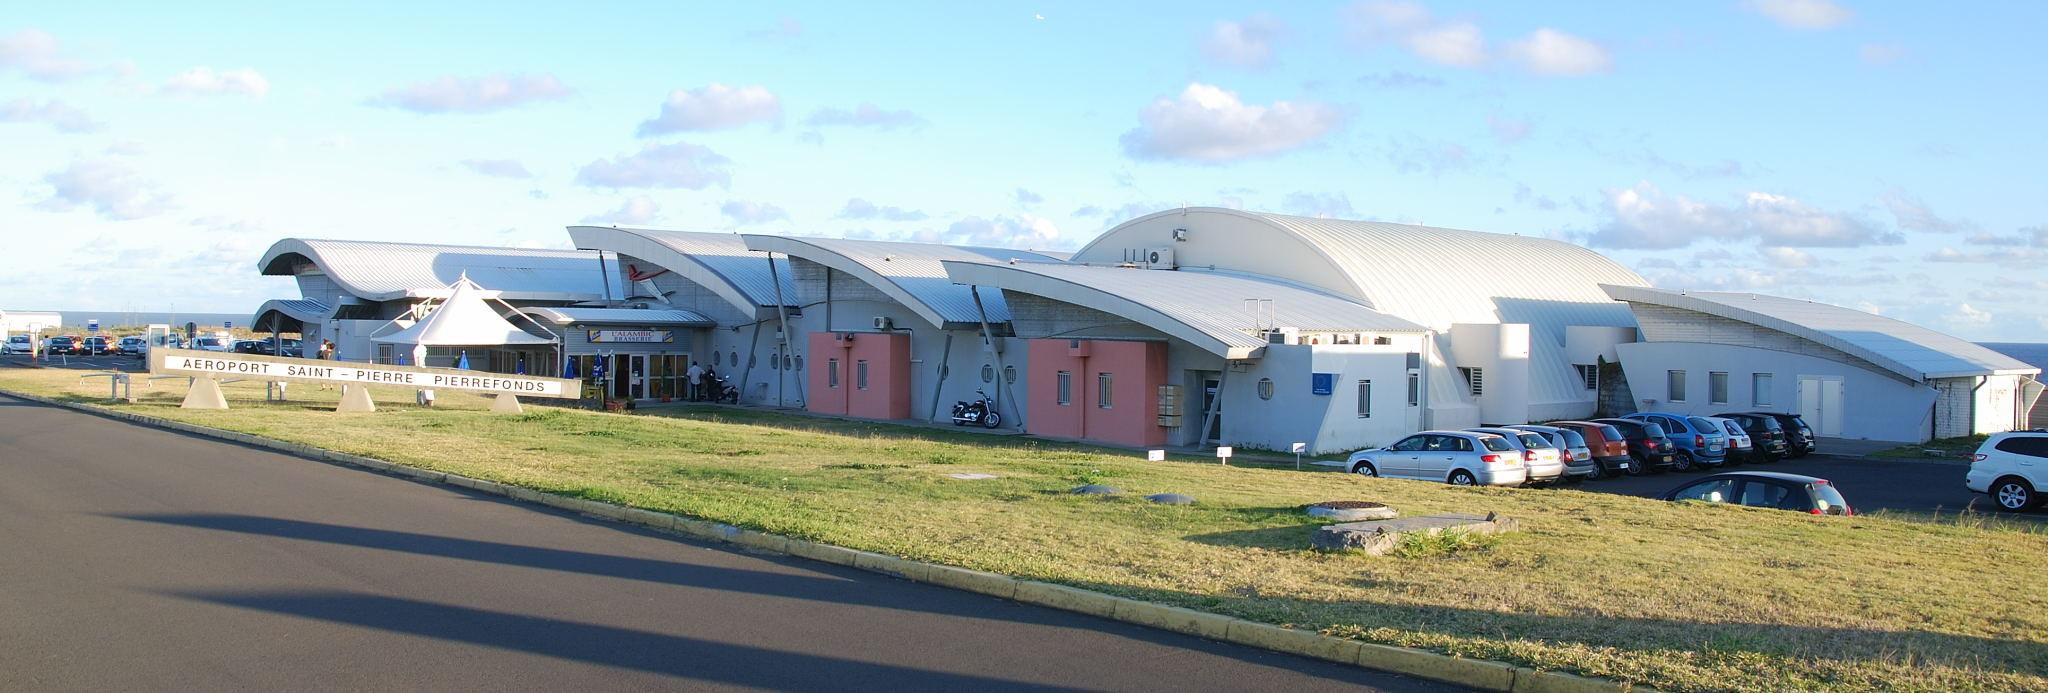 فرودگاه پییرفوندز